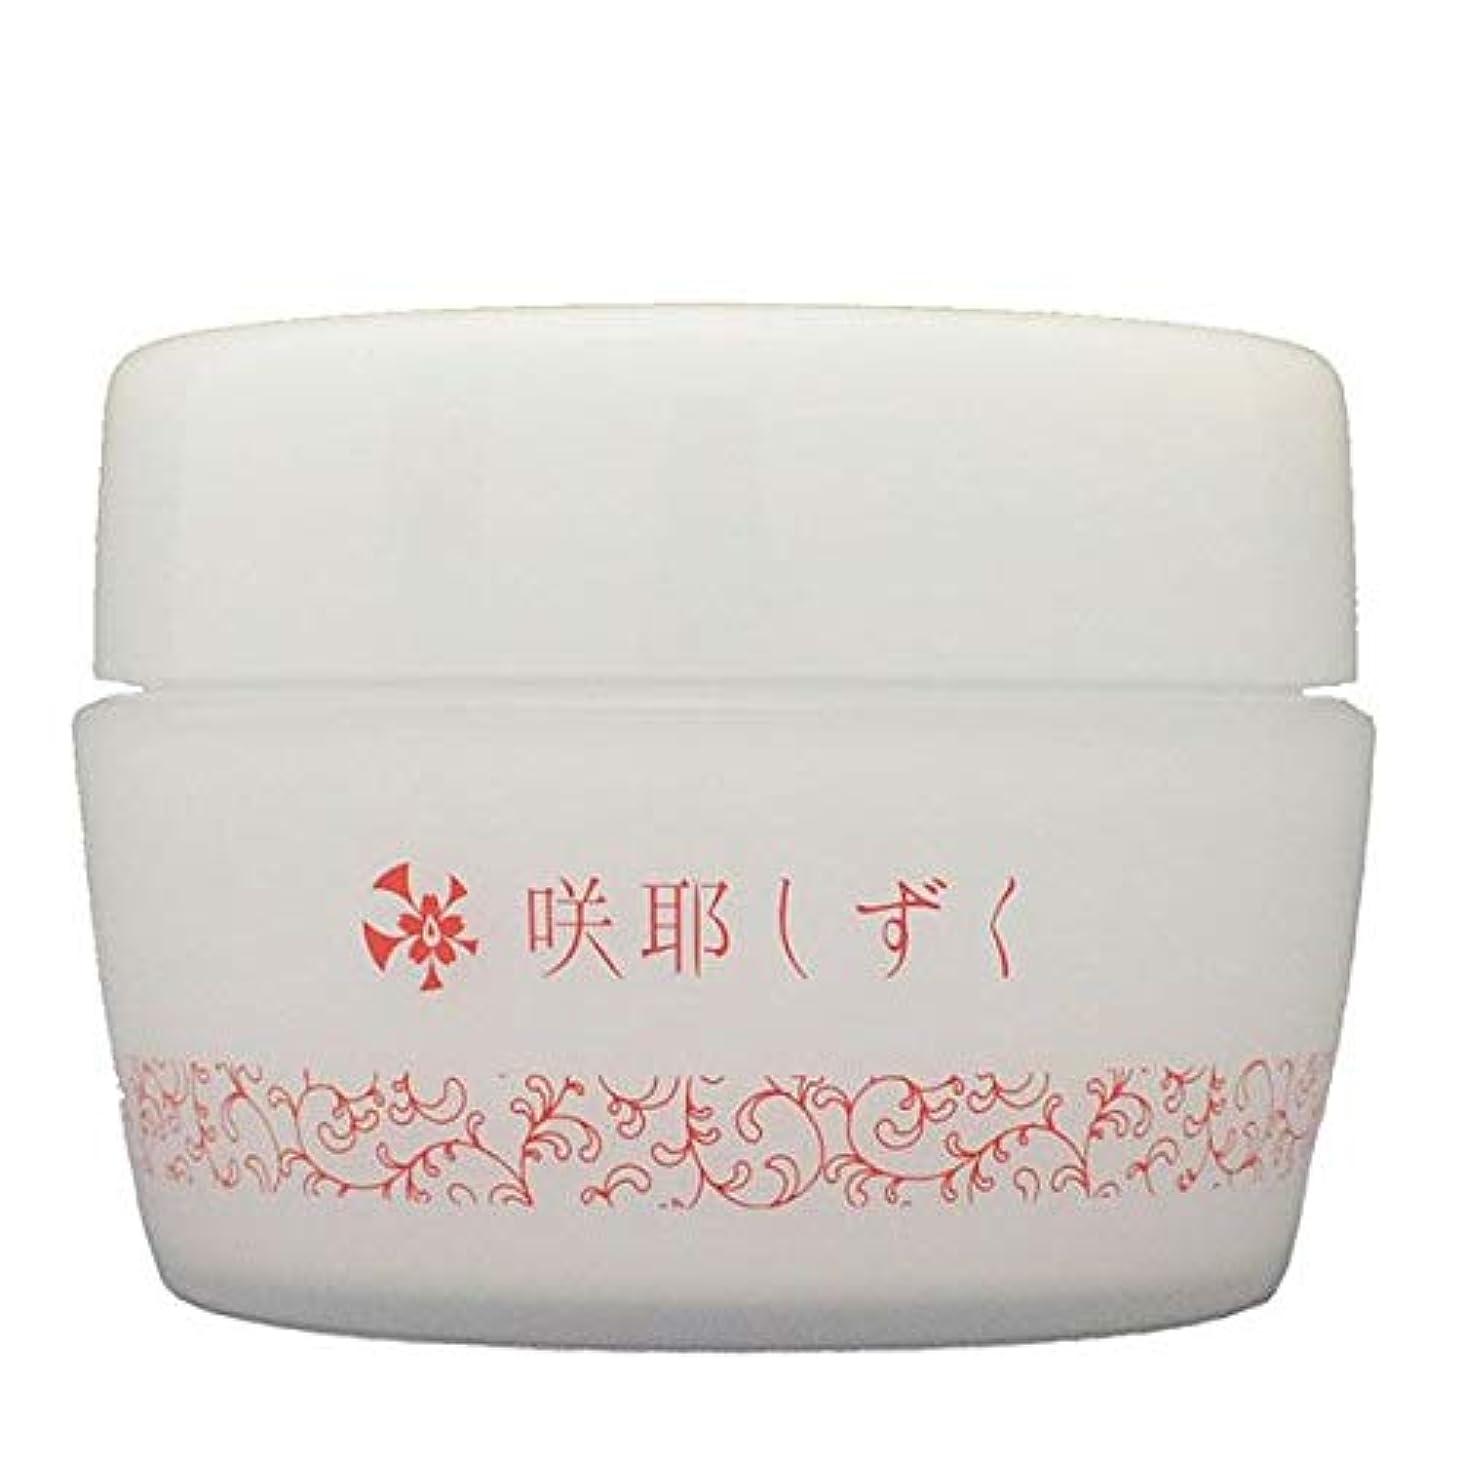 同化するブランドロシア咲耶しずく クリーム 乾燥肌 さくやしずく 敏感肌 エムズジャパン M's Japan ms-sge01